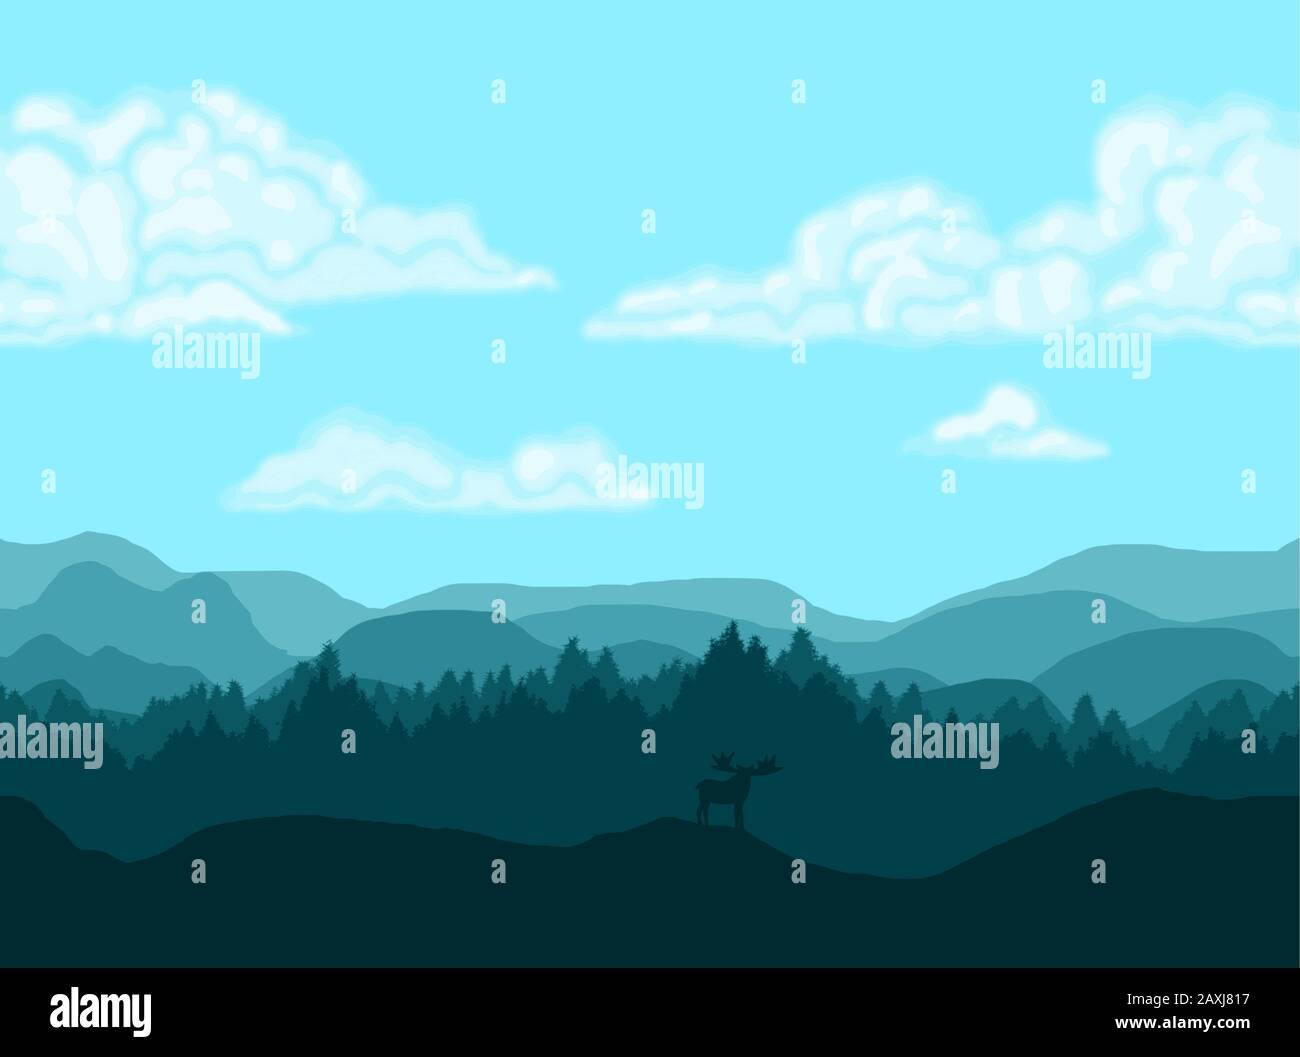 Farbverlauf blauer Hintergrundvektor. Kacheln werden horizontal wiederholt, wenn sie neben sich platziert werden, um eine endlos lange Landschaft zu schaffen. Stock Vektor